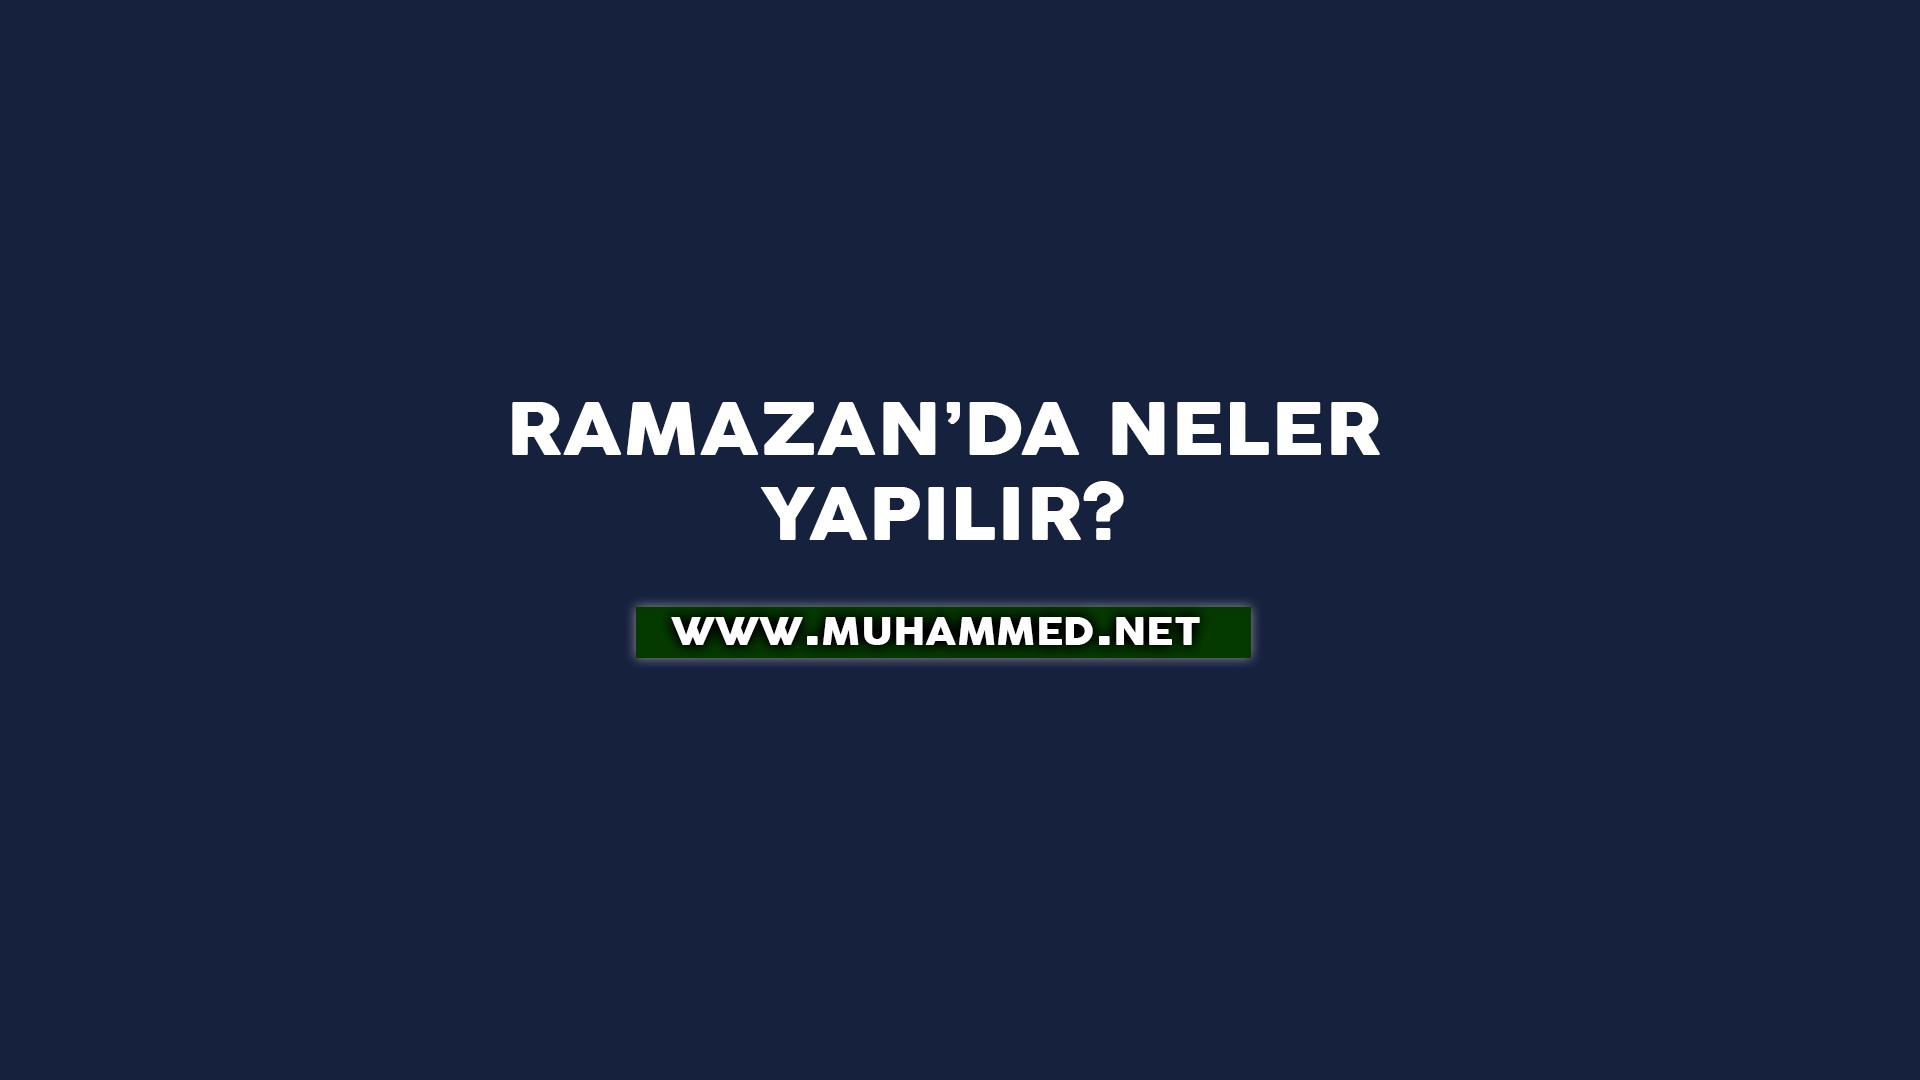 Ramazan'da Neler Yapılır?